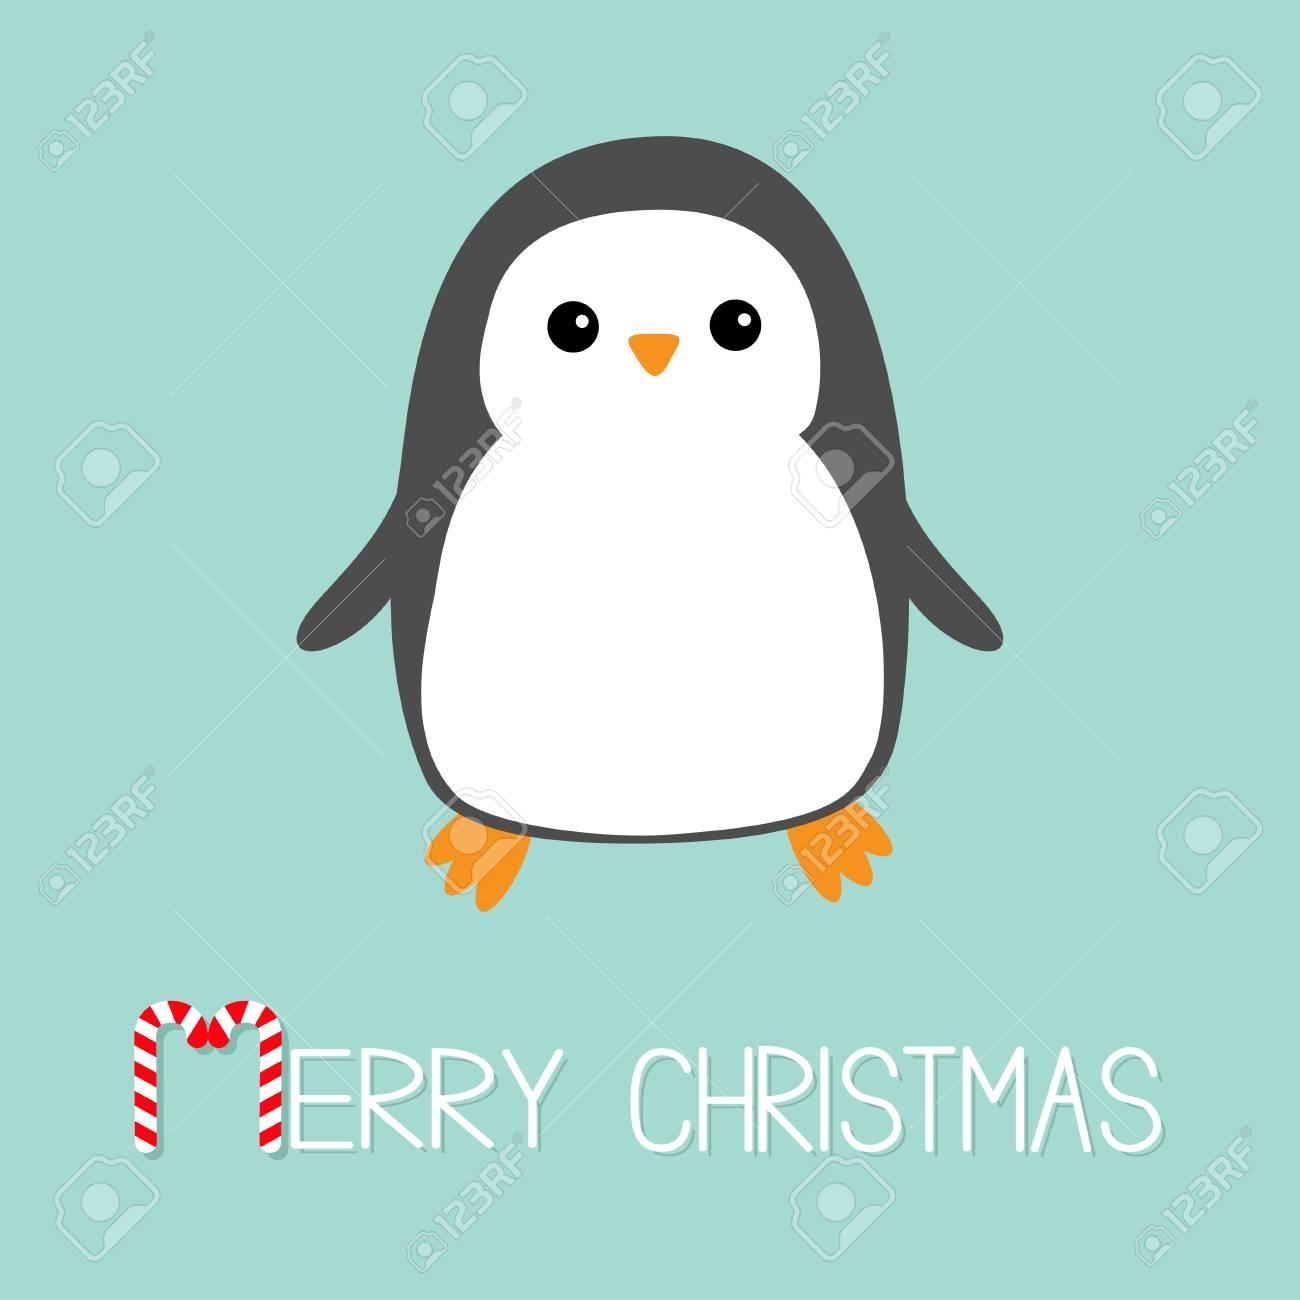 Joyeux Noël Candy Cane Texte Icône D Oiseau Kawaii Pingouin Personnage De Bébé Dessin Animé Mignon Design Plat Fond Antarctique D Hiver Bleu Carte